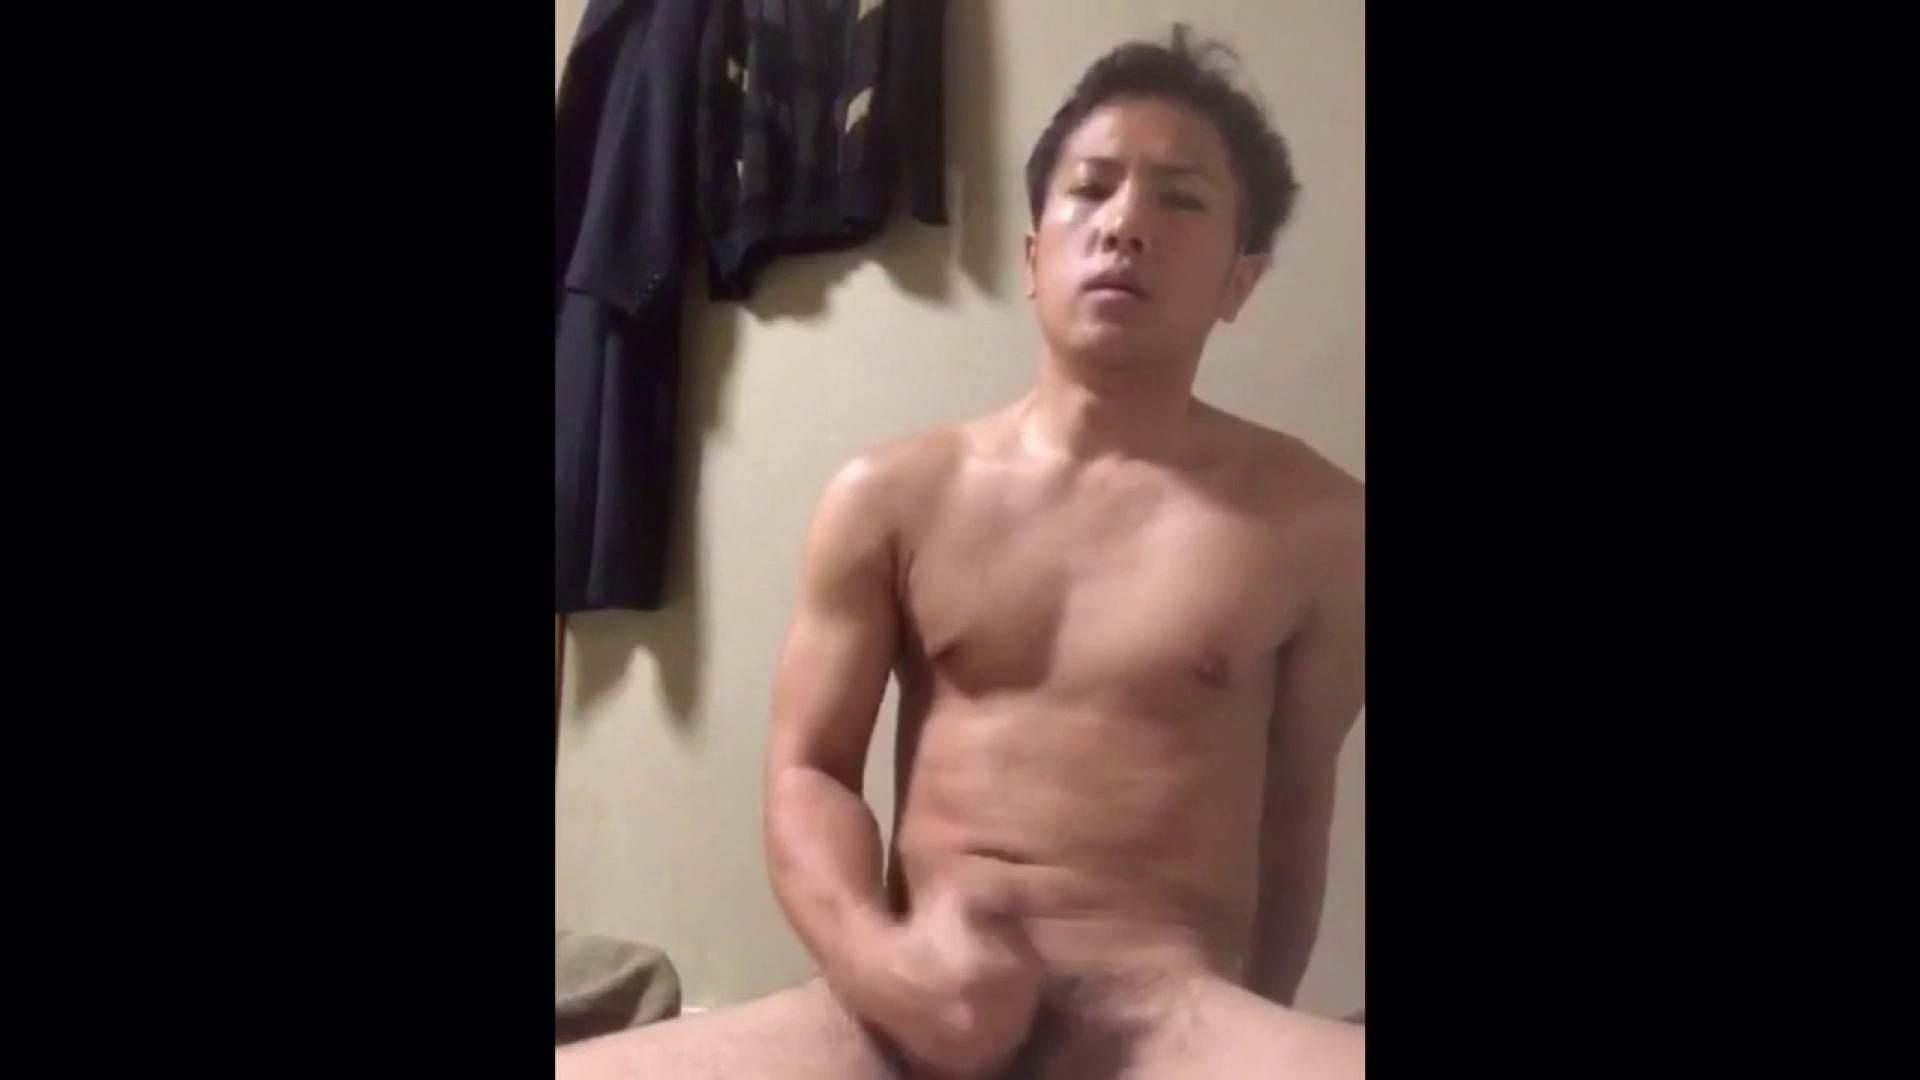 個人撮影 自慰の極意 Vol.25 ゲイのオナニー映像   イケメンたち  75枚 6